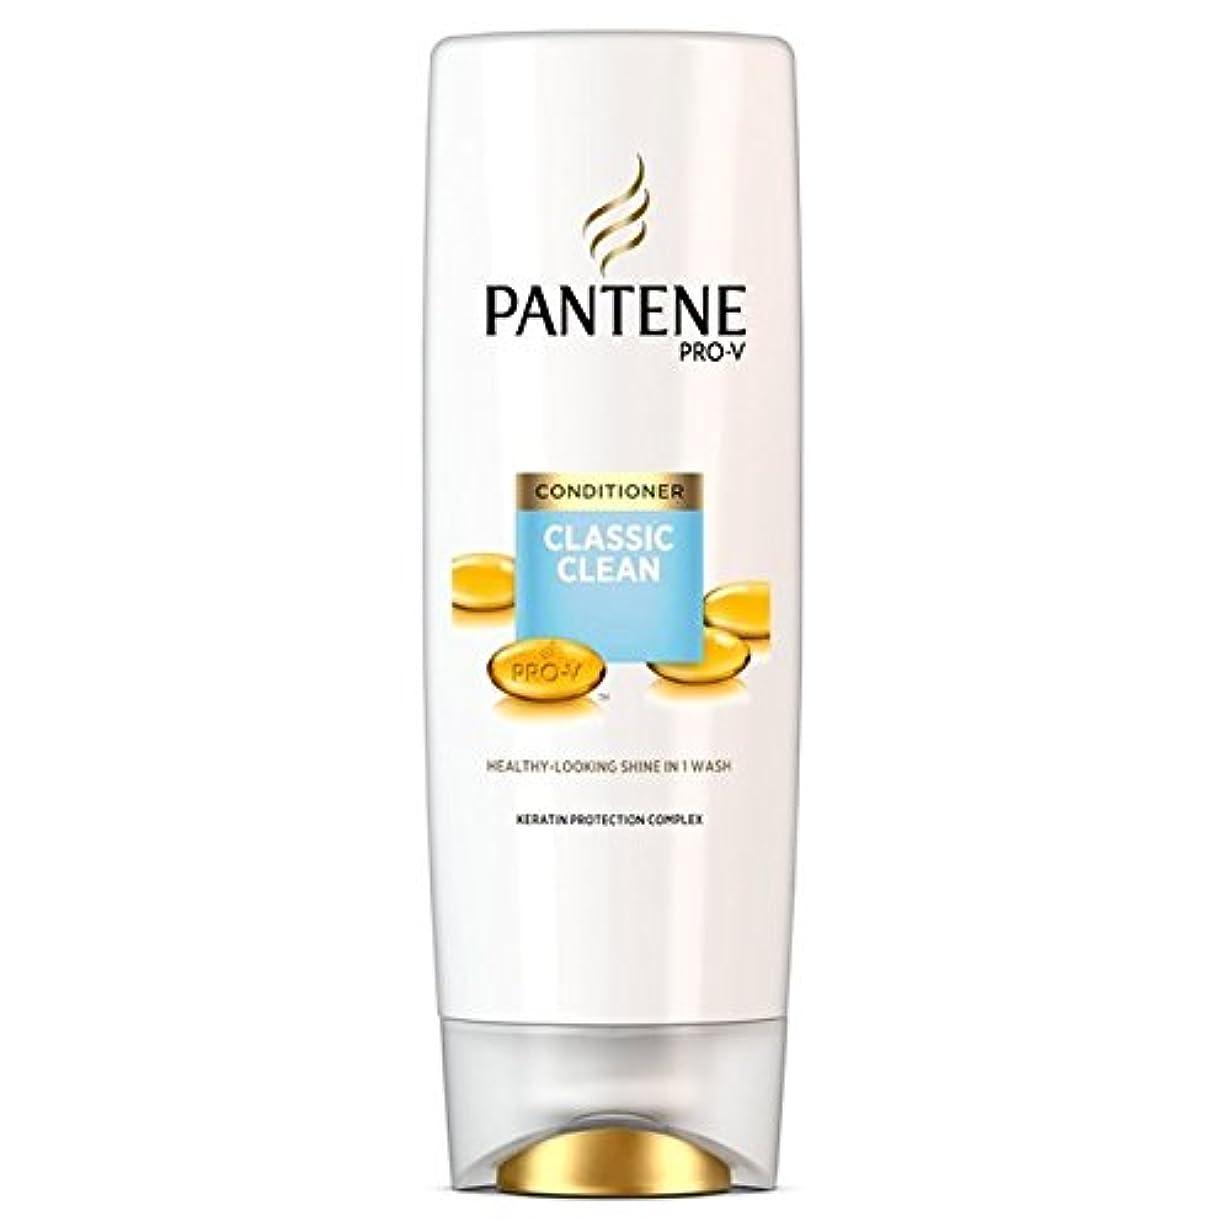 差別的引き出し油Pantene Classic Clean Conditioner 360ml - パンテーン古典的なクリーンコンディショナー360ミリリットル [並行輸入品]